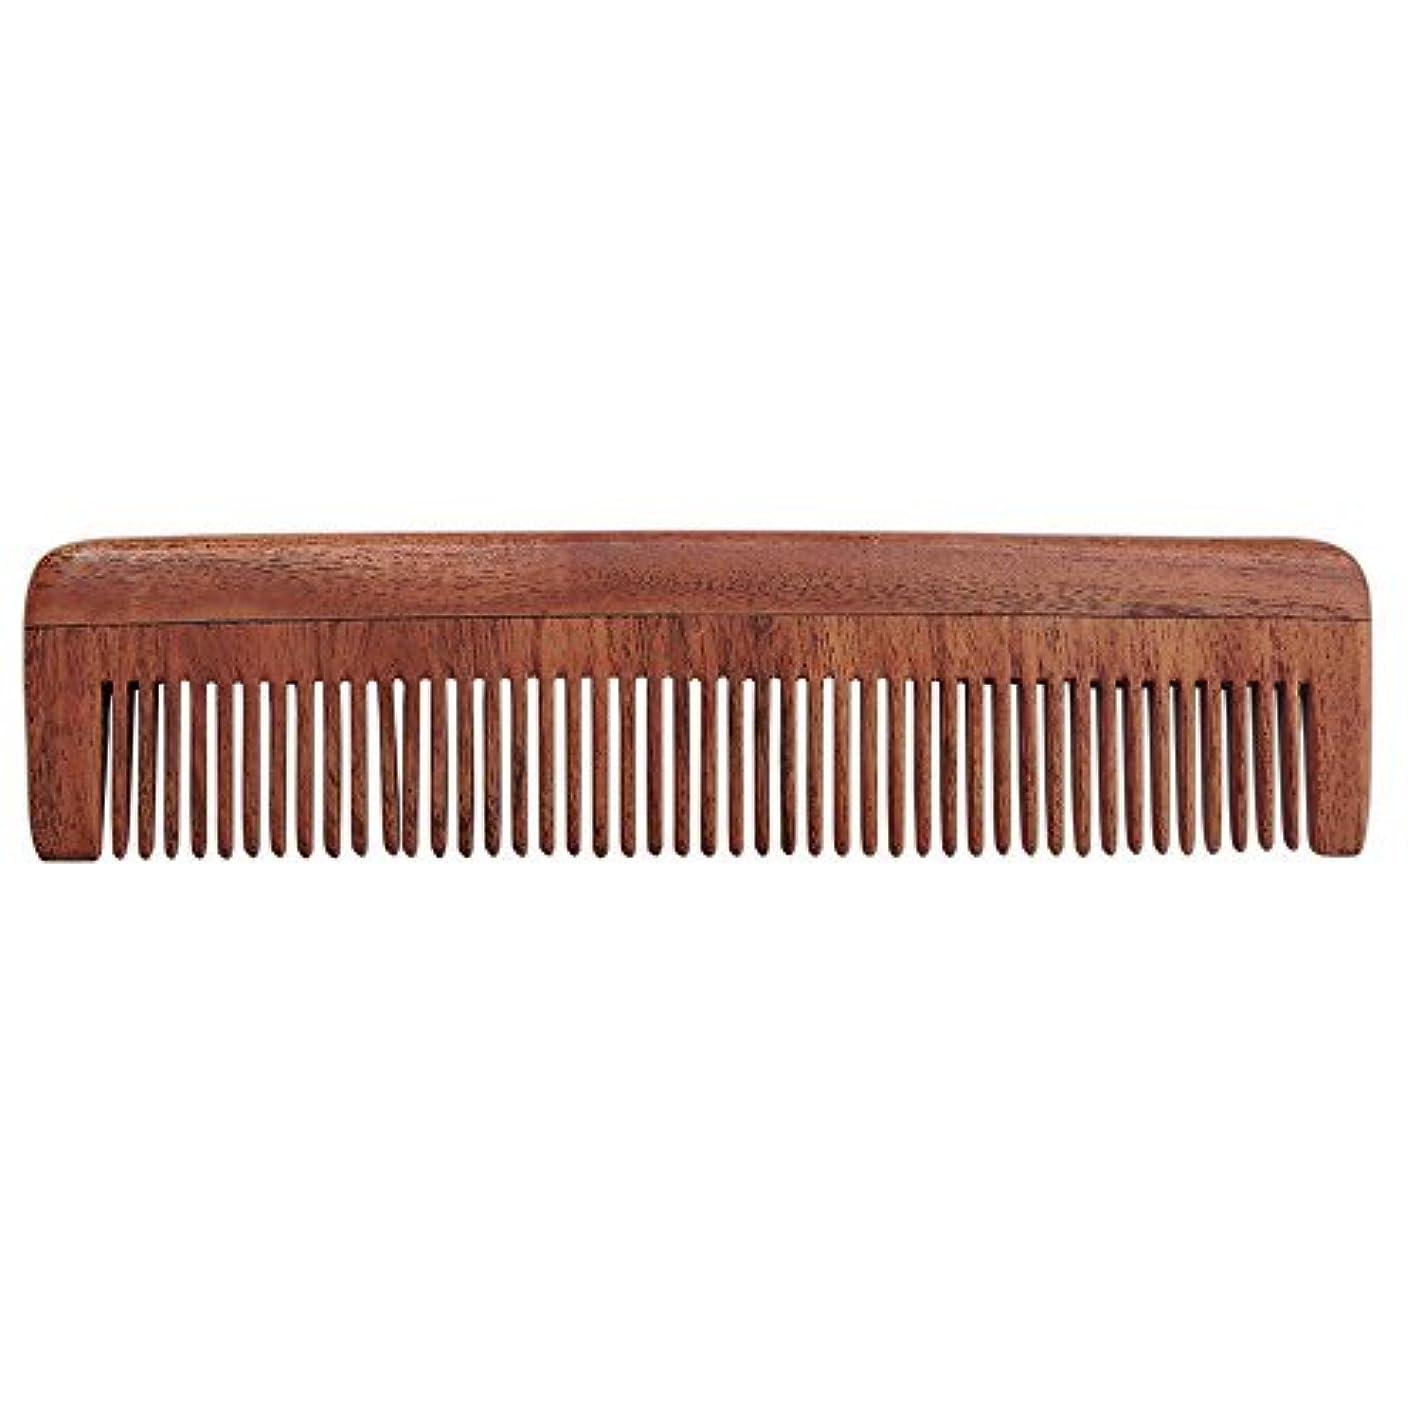 無意味ファンブルメロディーHealthGoodsIn - Pure Neem Wood Fine Tooth Comb for Fine Hair | Fine Tooth Neem Comb | Organic and Natural for...